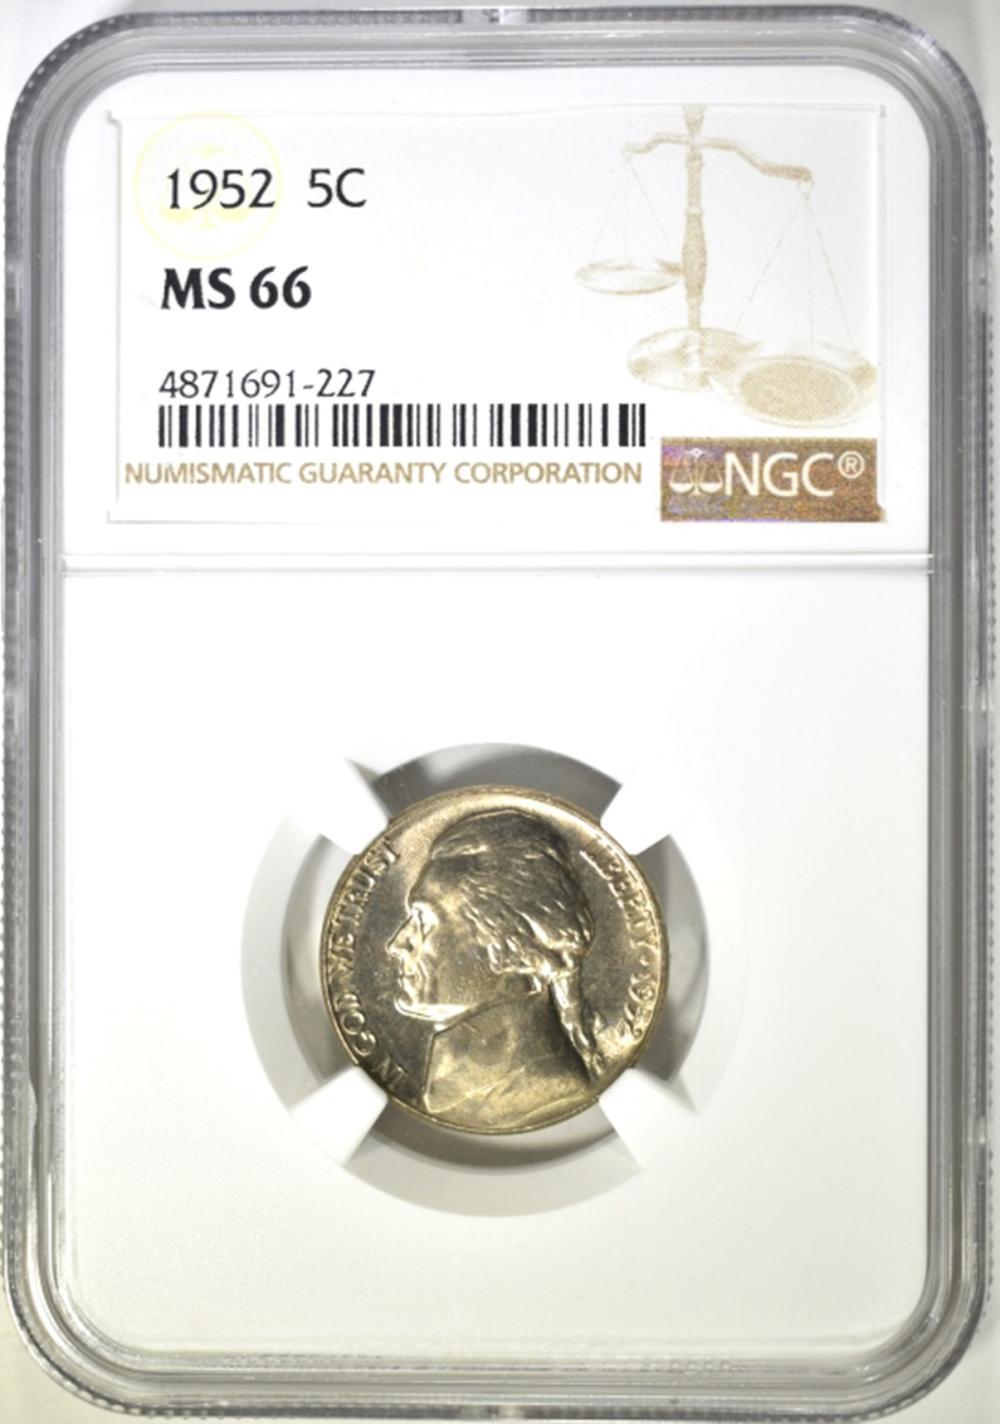 1952 NGC MS 66 JEFFERSON NICKEL